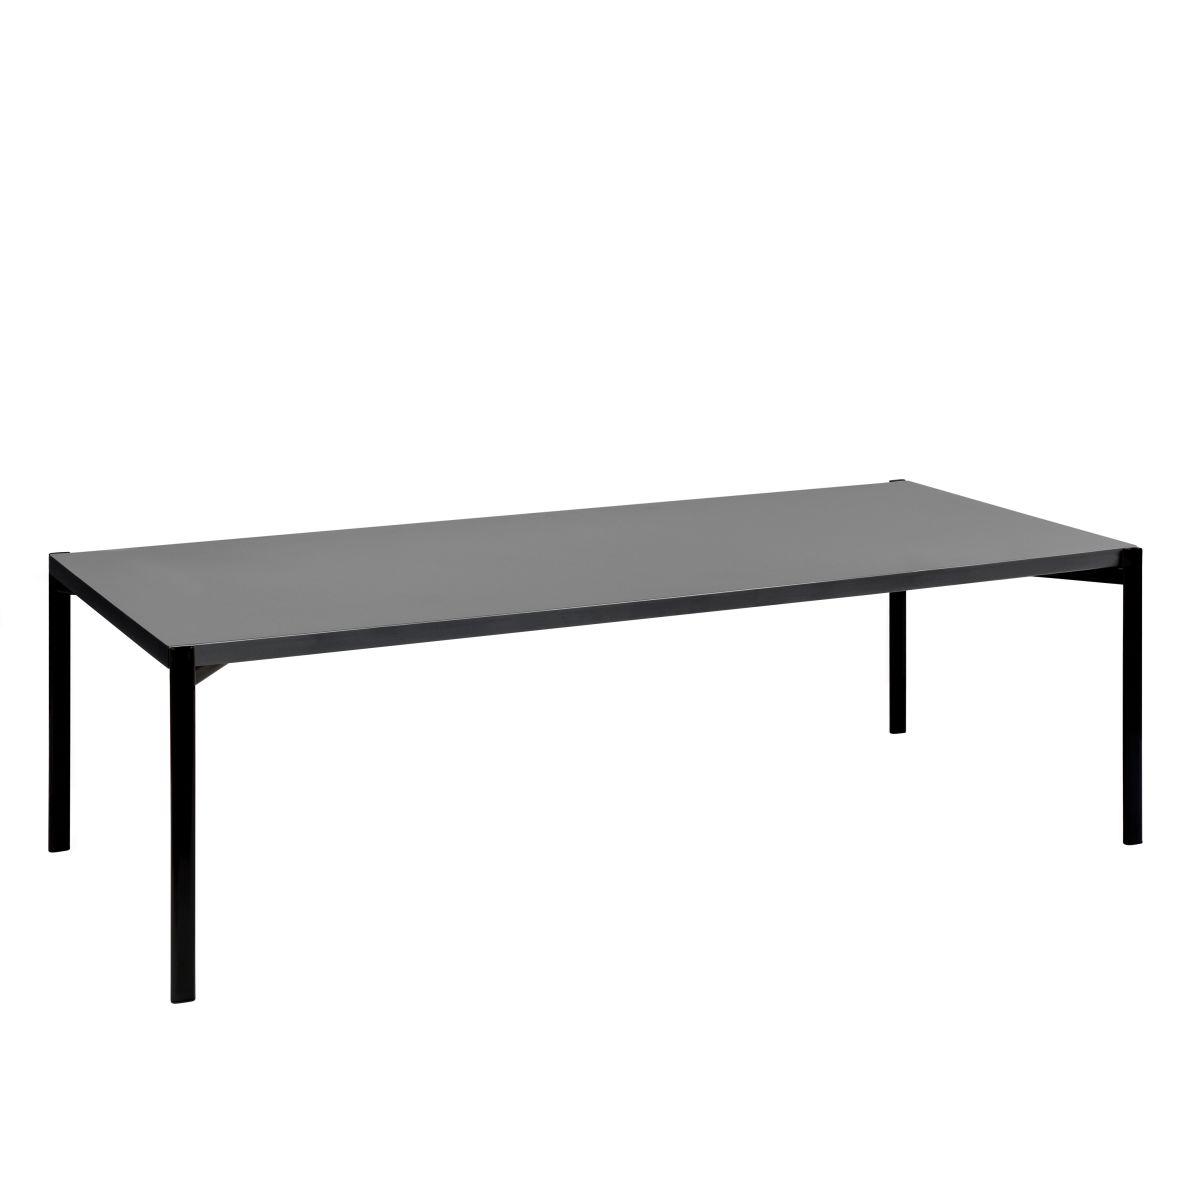 Kiki_Low_Table_black-linoleum-140-2650994